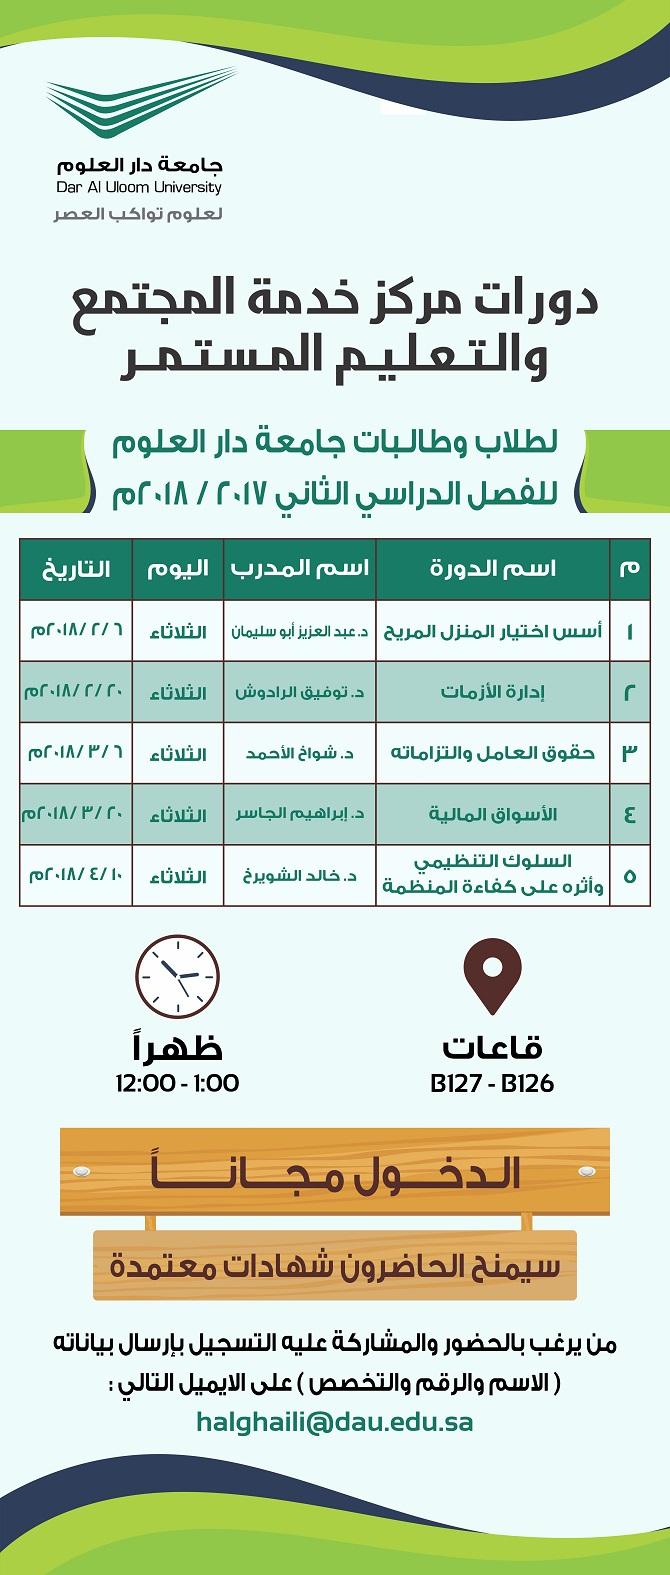 جدول دورات مركز خدمة المجتمع والتعليم المستمر للفصل الدراسي الثاني